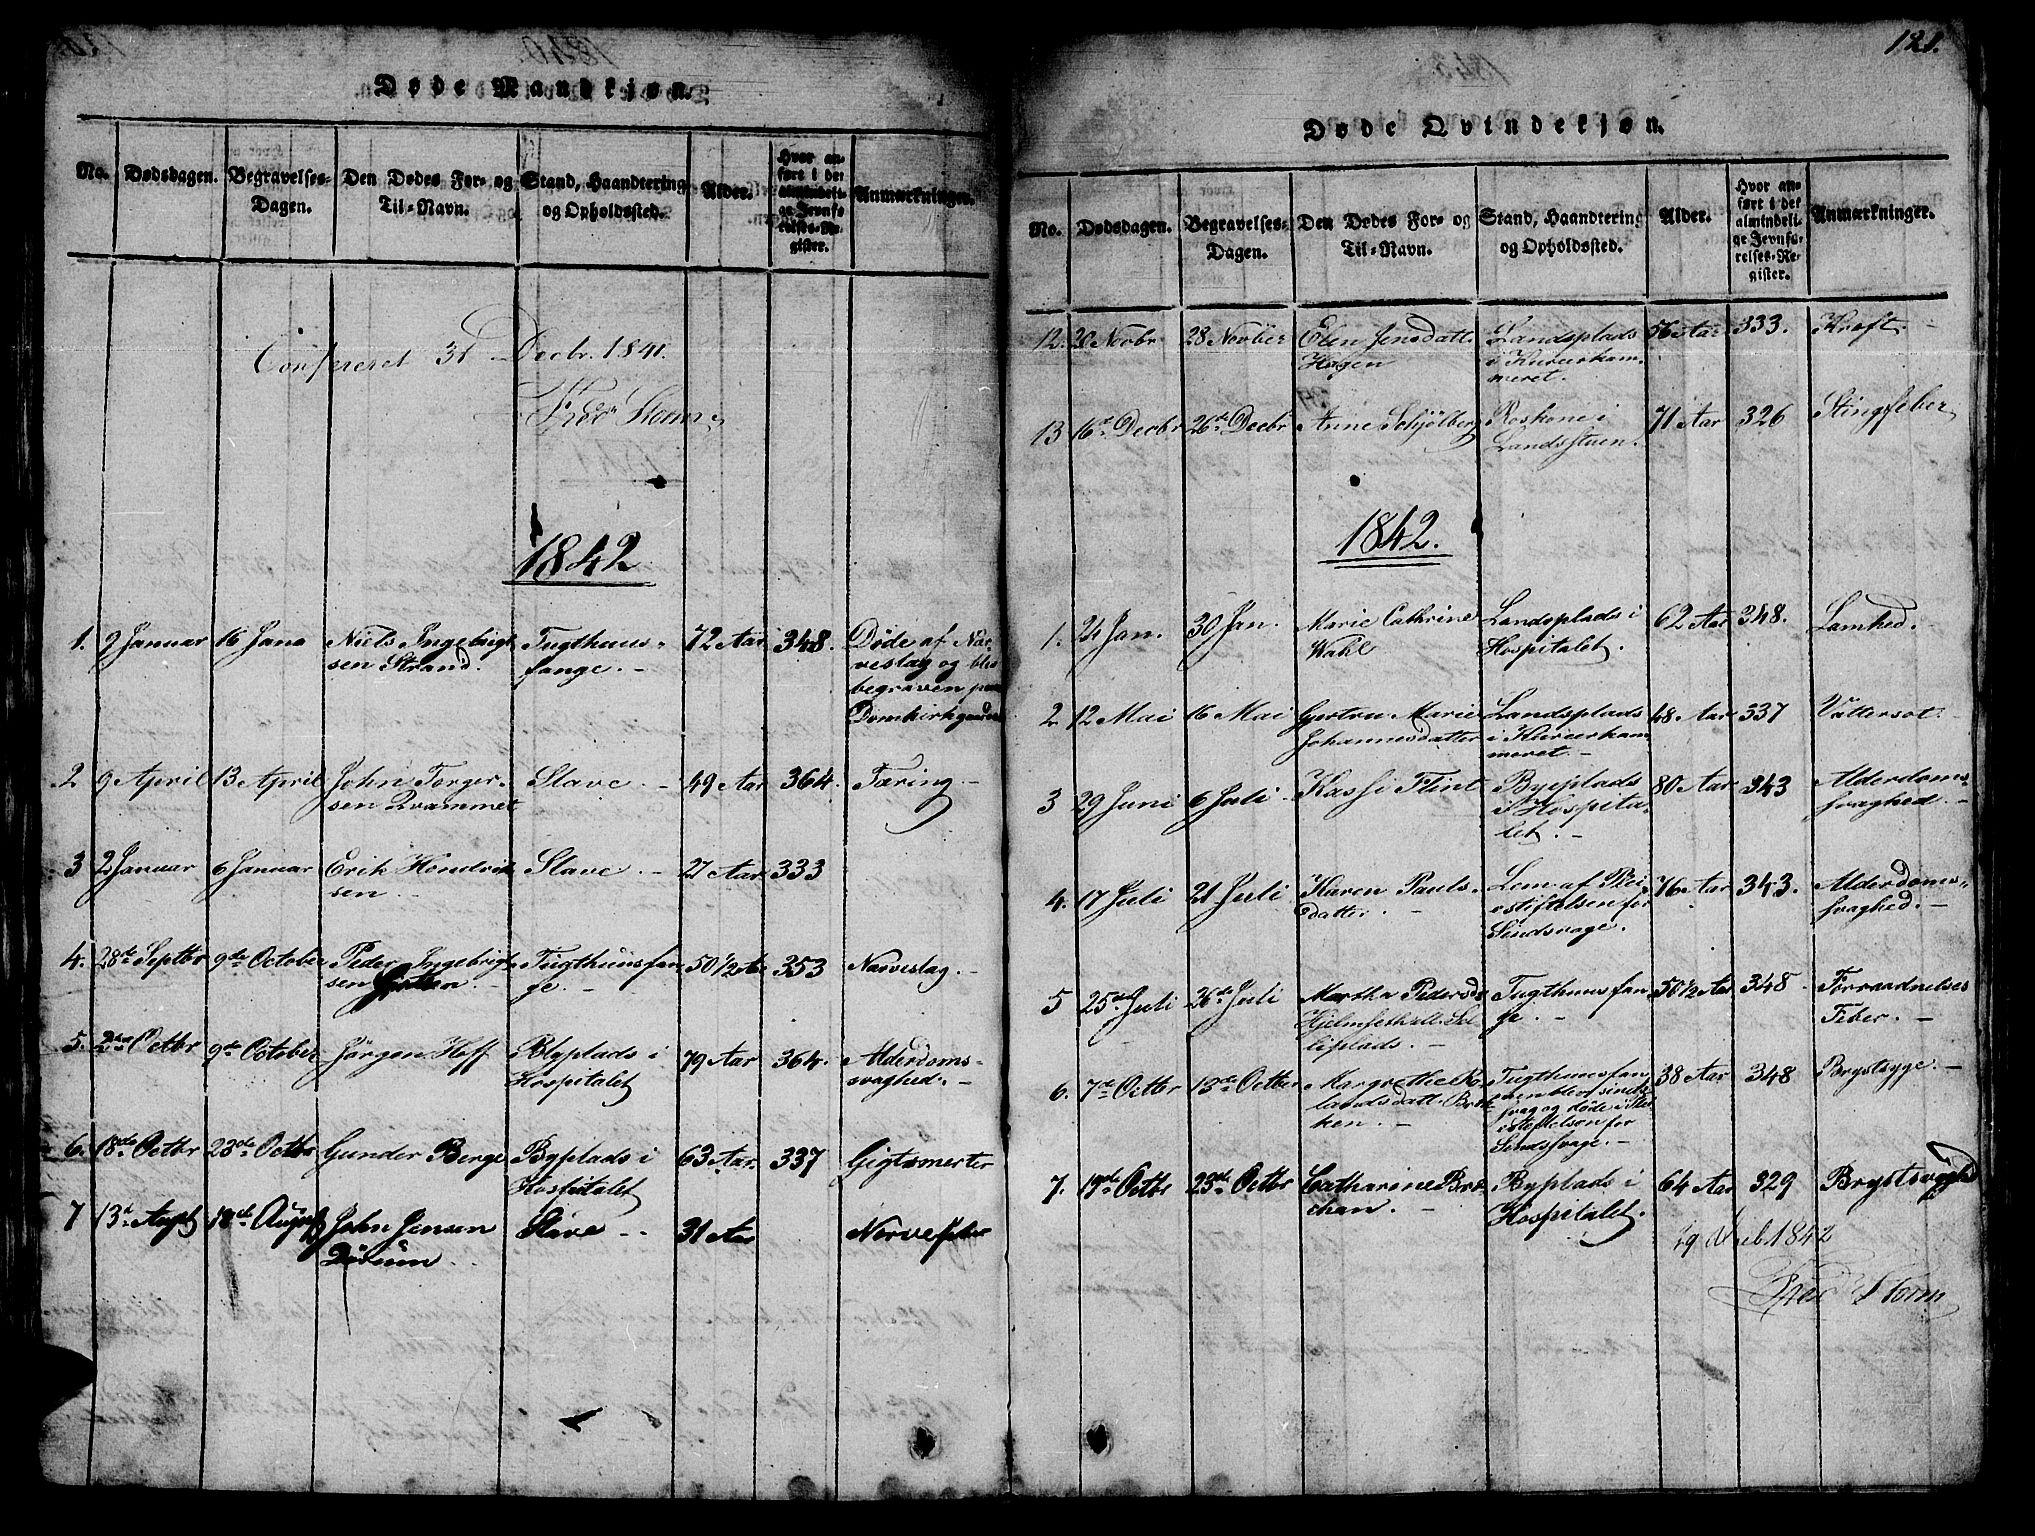 SAT, Ministerialprotokoller, klokkerbøker og fødselsregistre - Sør-Trøndelag, 623/L0478: Klokkerbok nr. 623C01, 1815-1873, s. 121